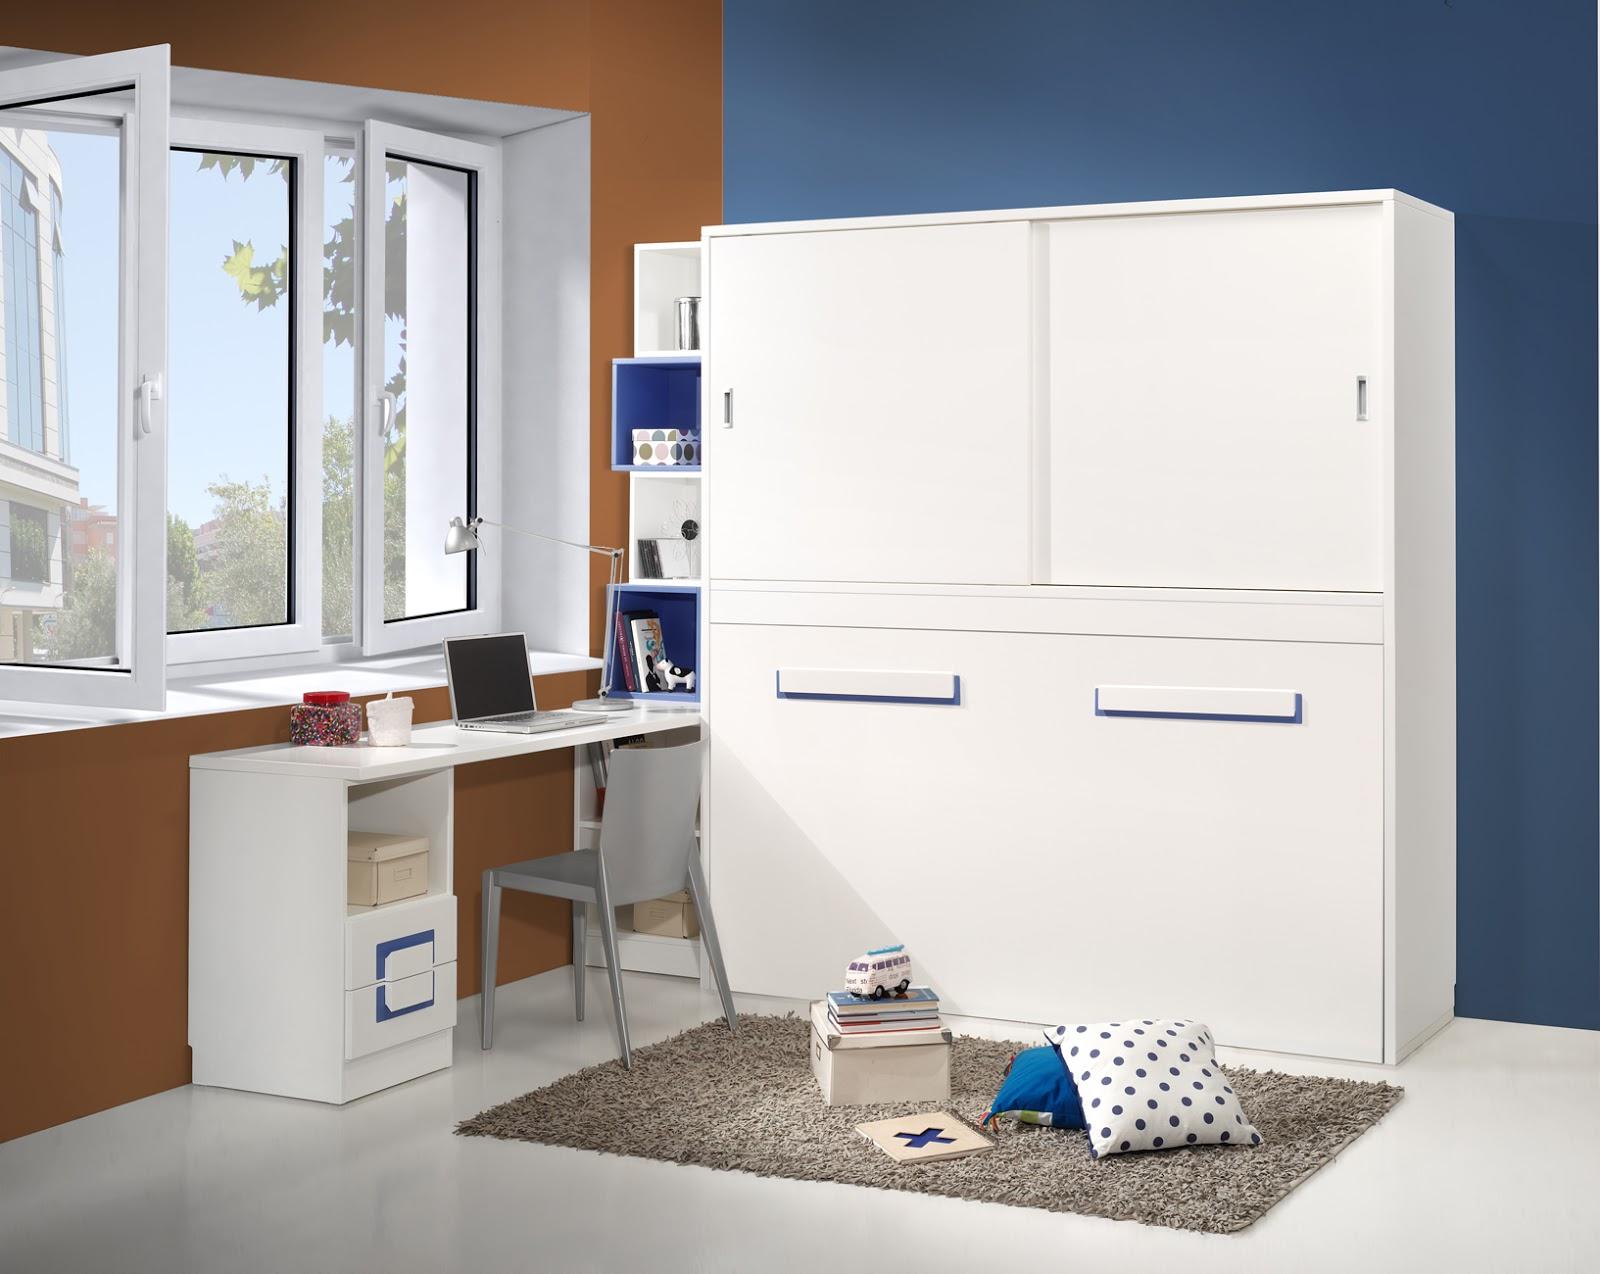 Cama abatible con armario encima y puertas correderas - Habitaciones juveniles con cama abatible ...